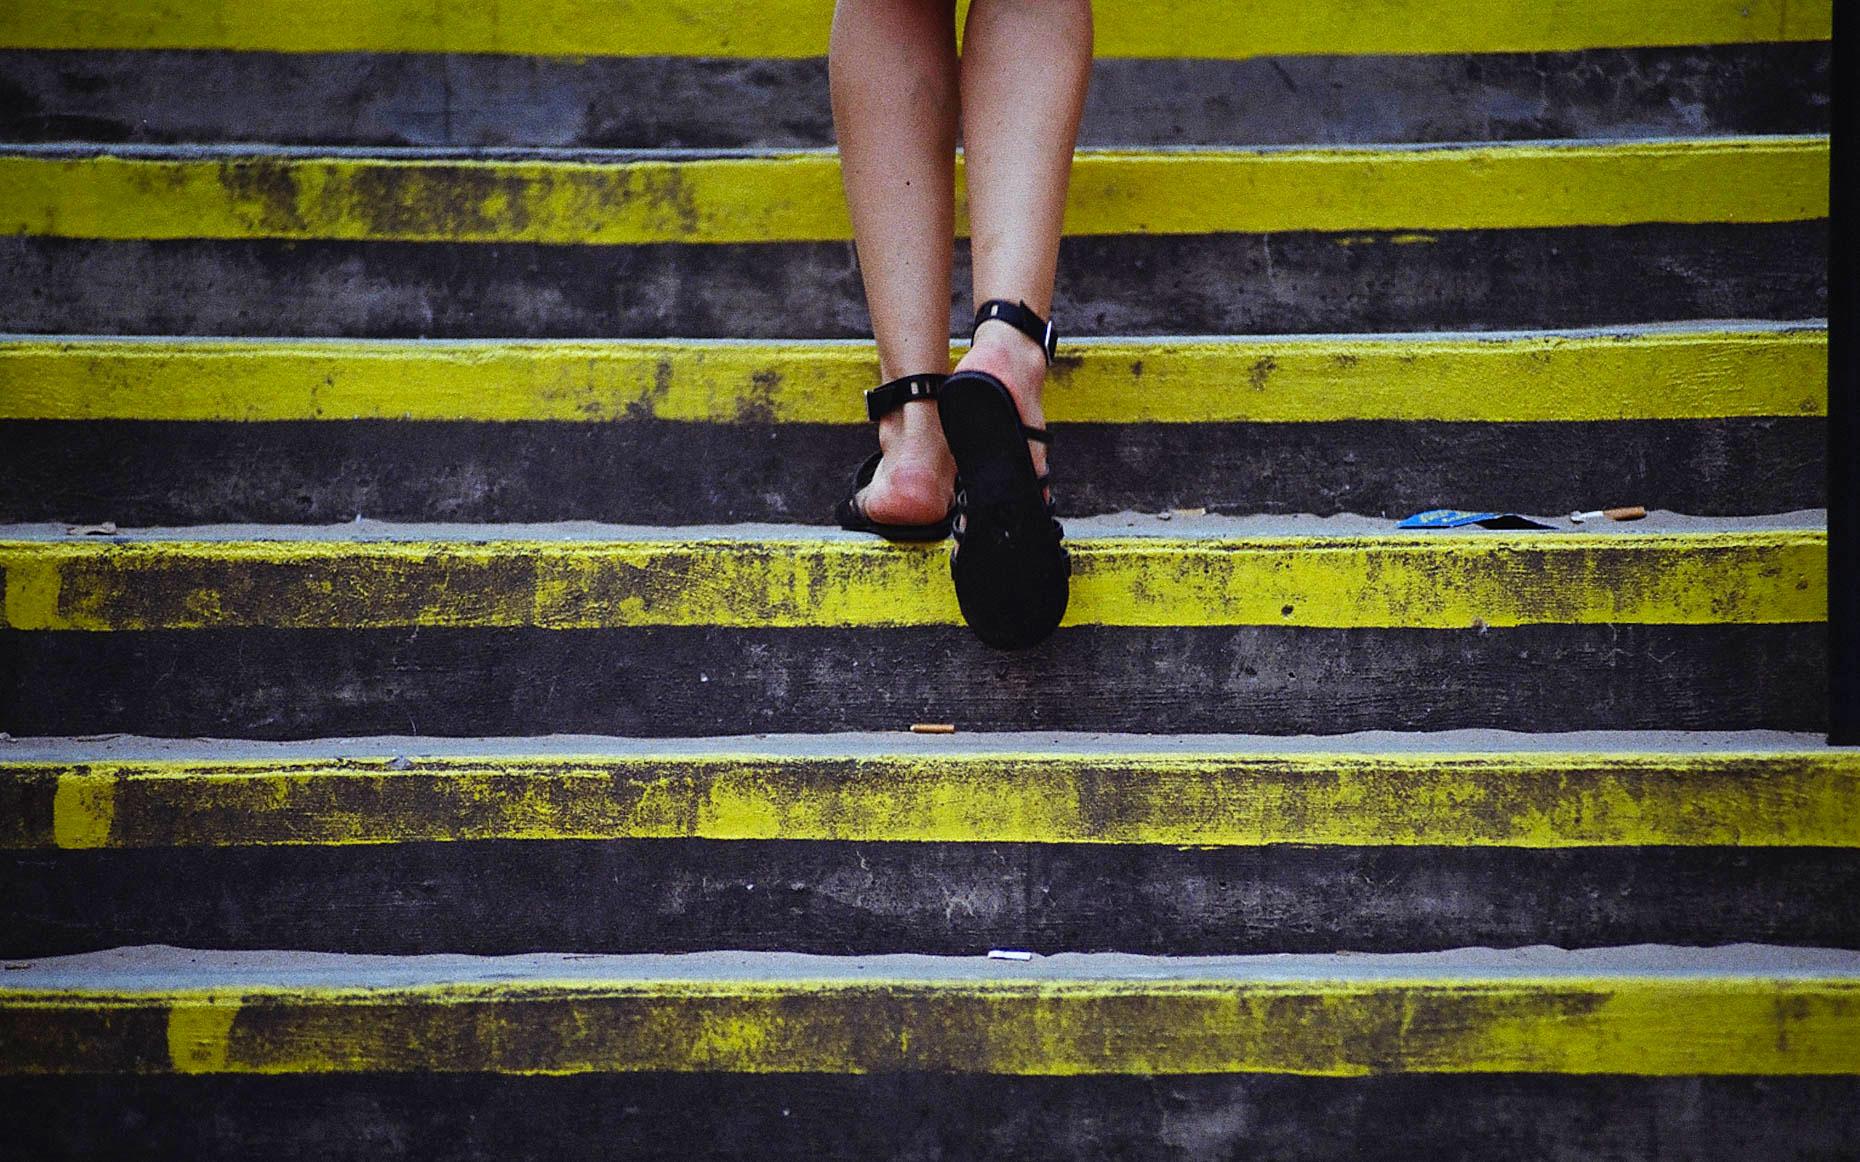 cvmessling_fashion_story5_06.jpg